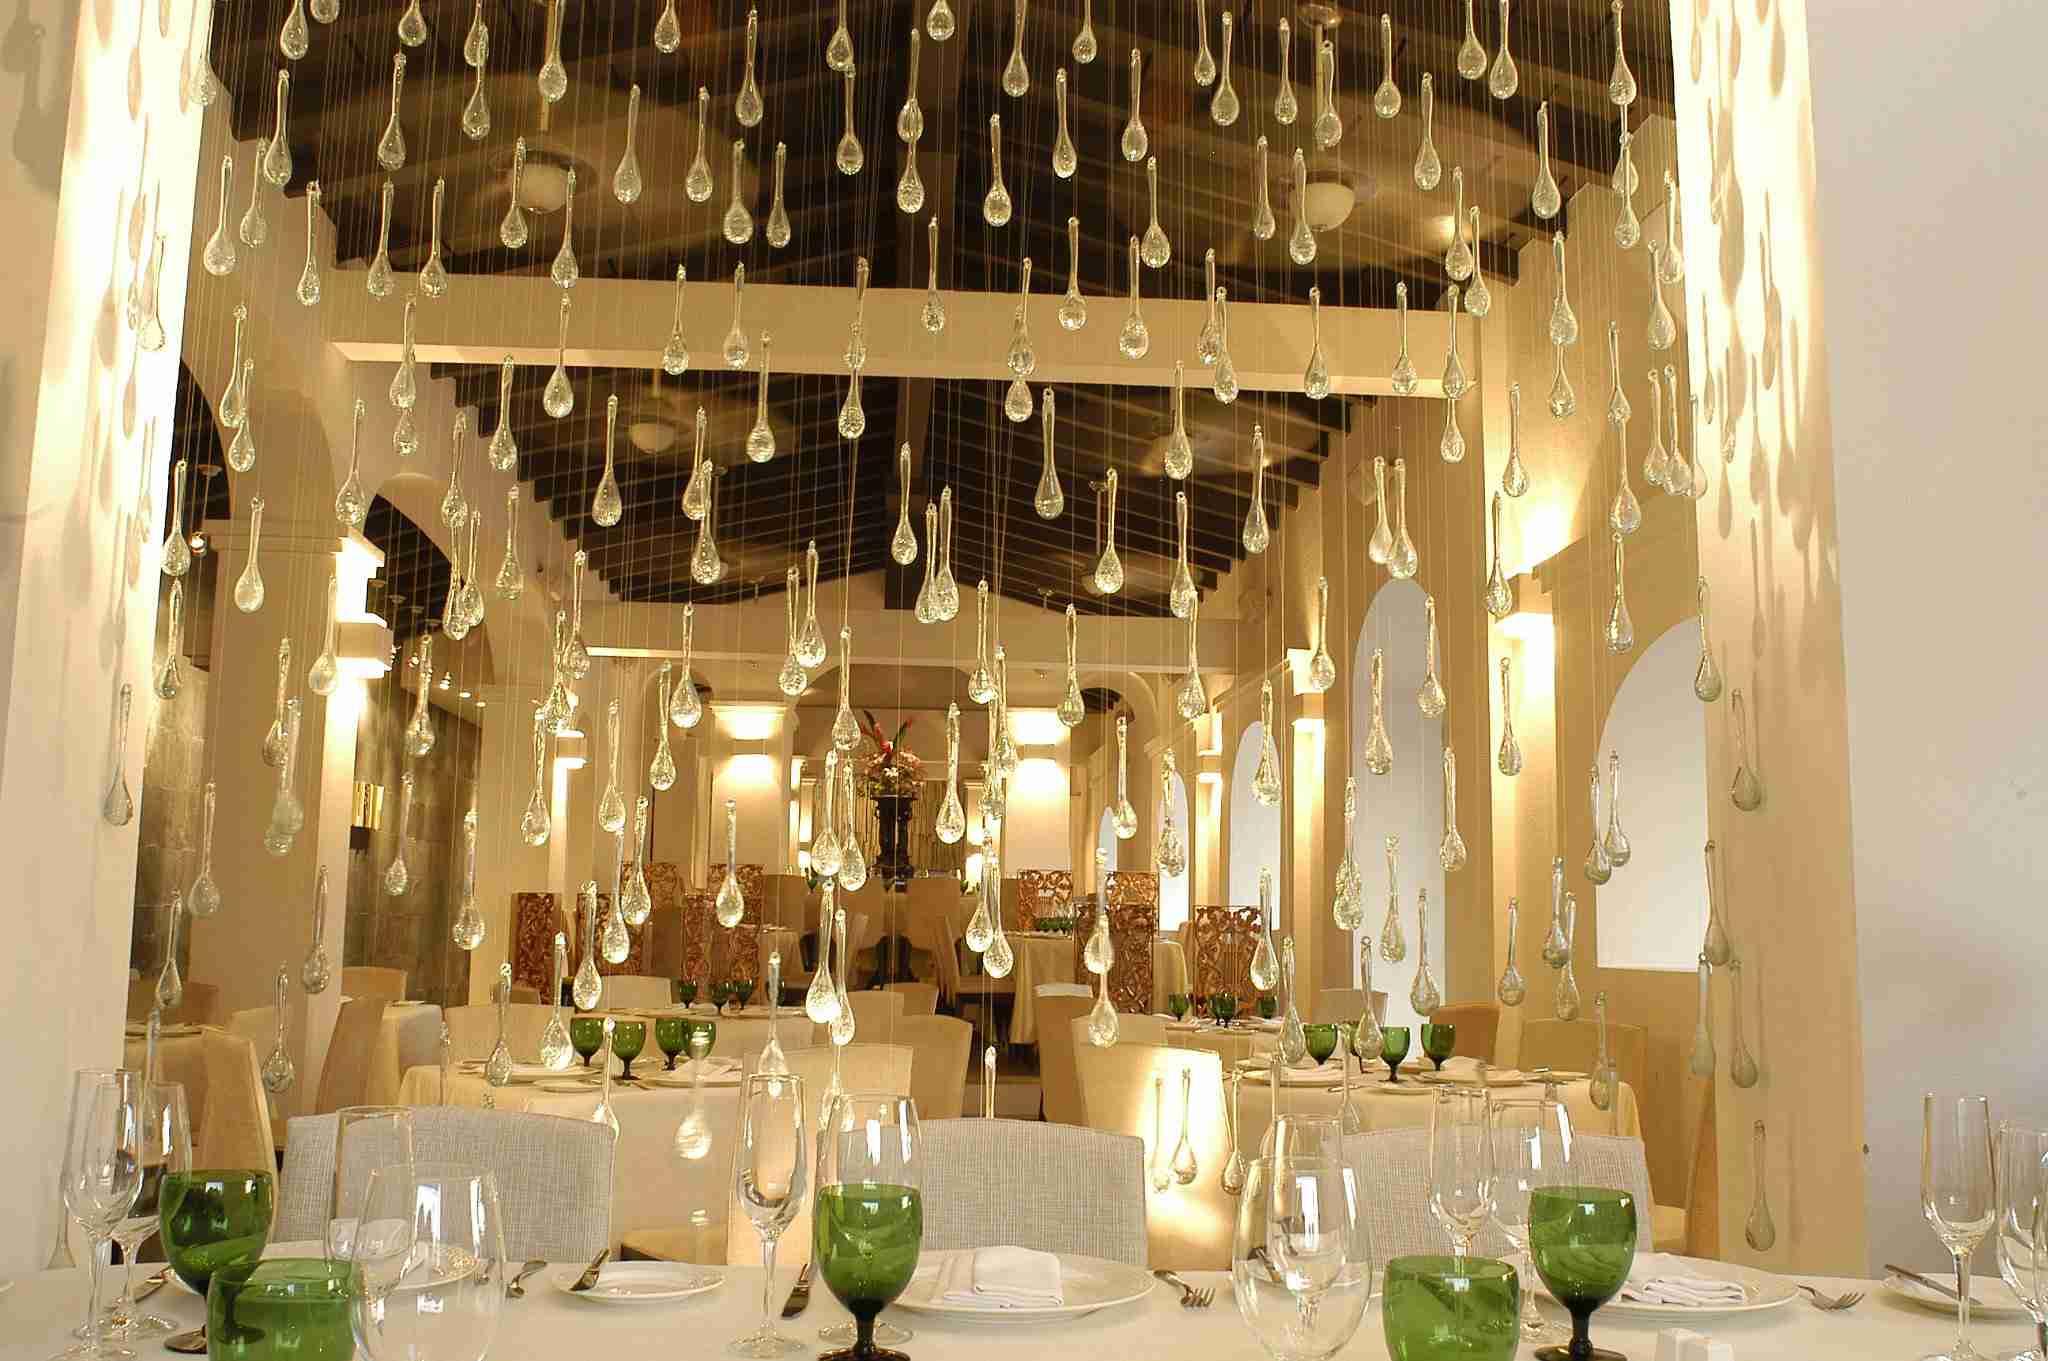 The Best Puerto Vallarta Restaurants